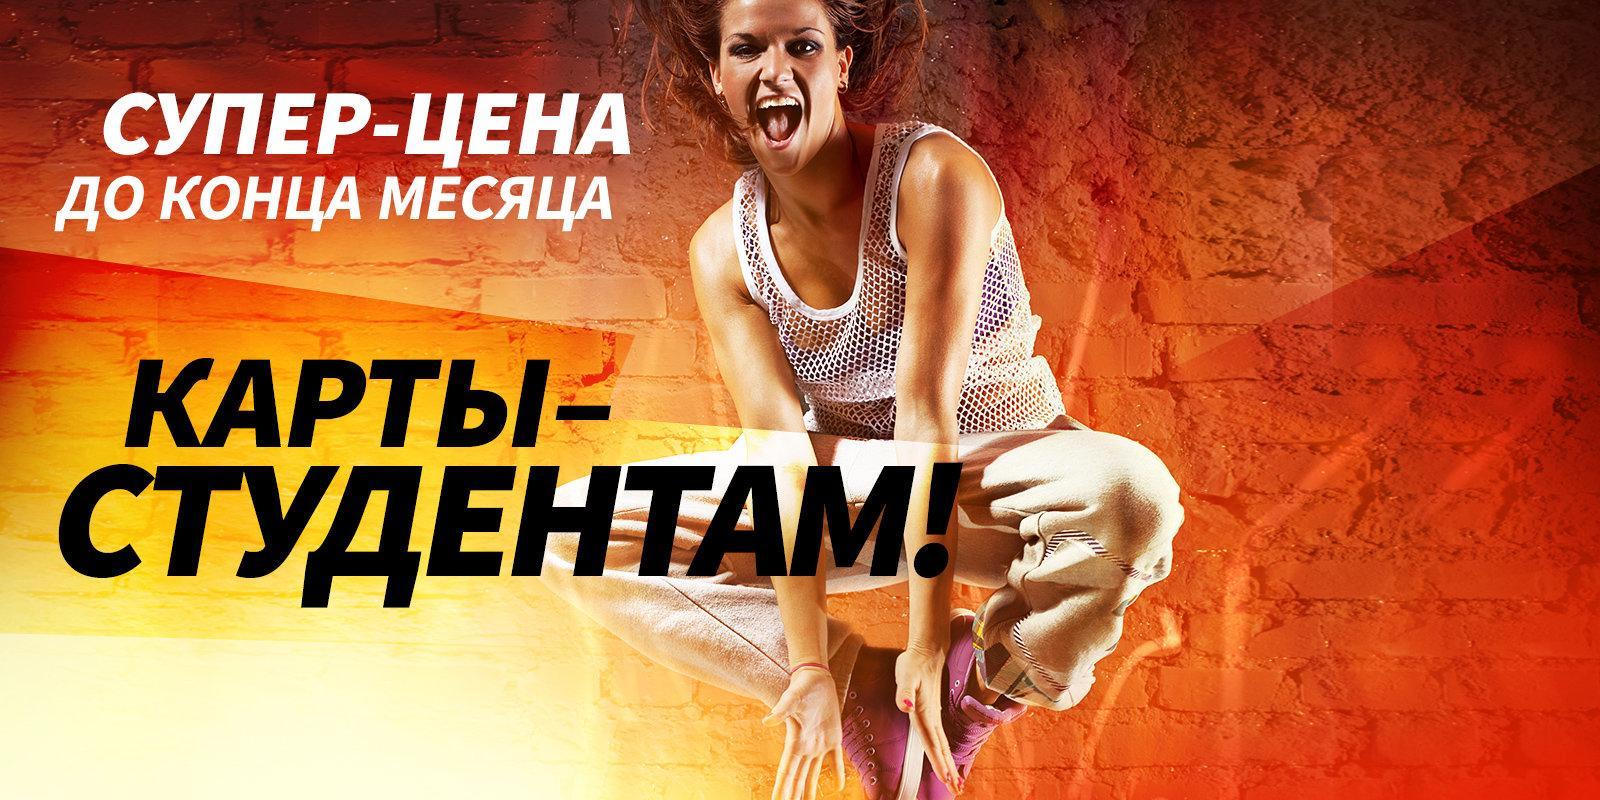 Скидки для студентов в фитнес клубах москвы ночной клуб екатеринбург антей